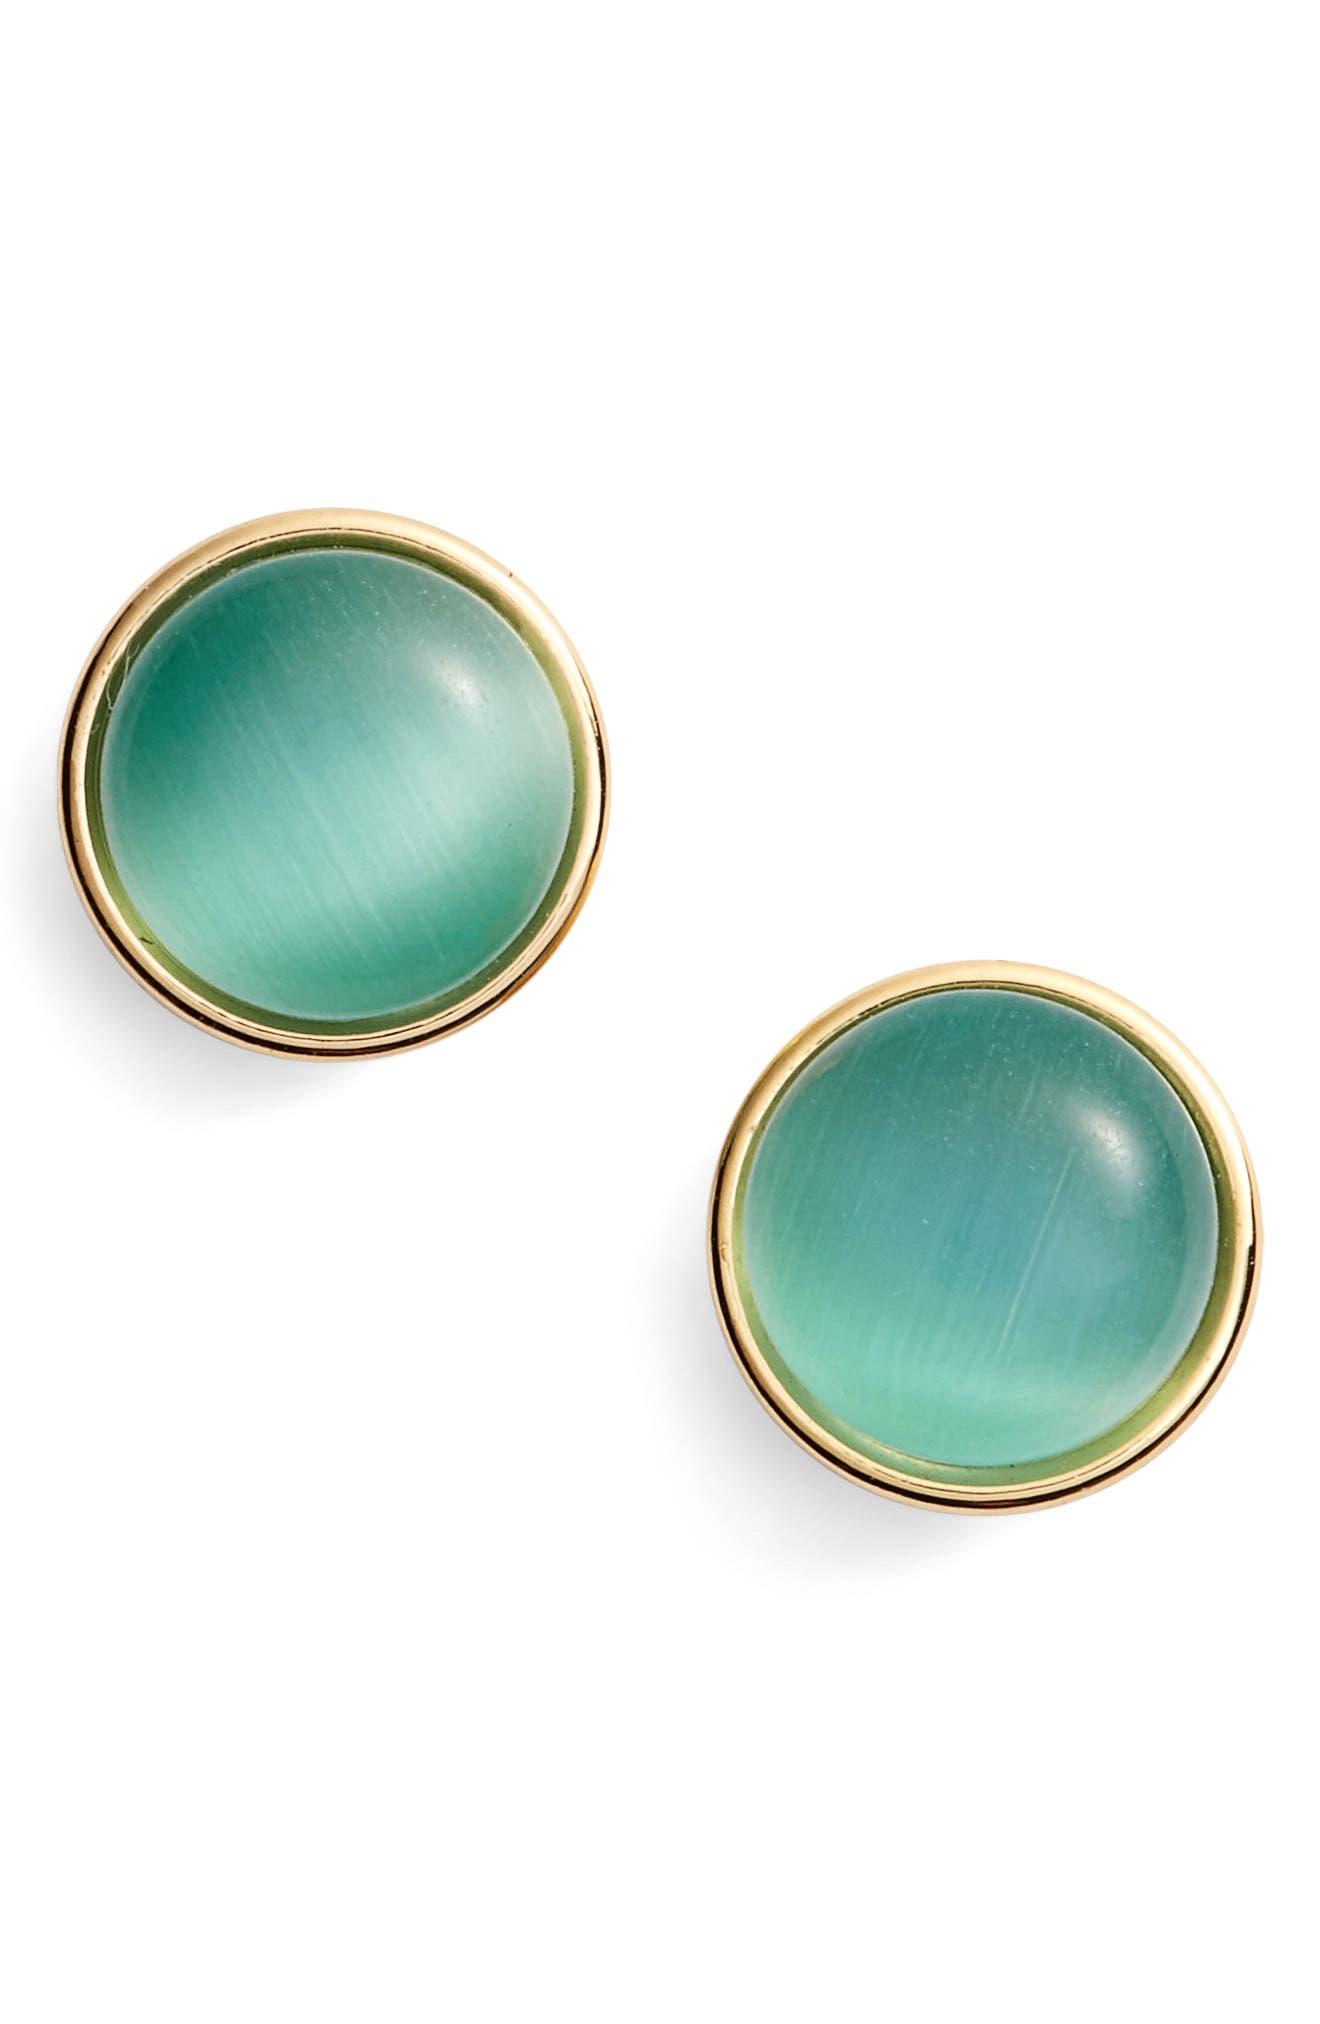 kate spade new york 'forever' stud earrings